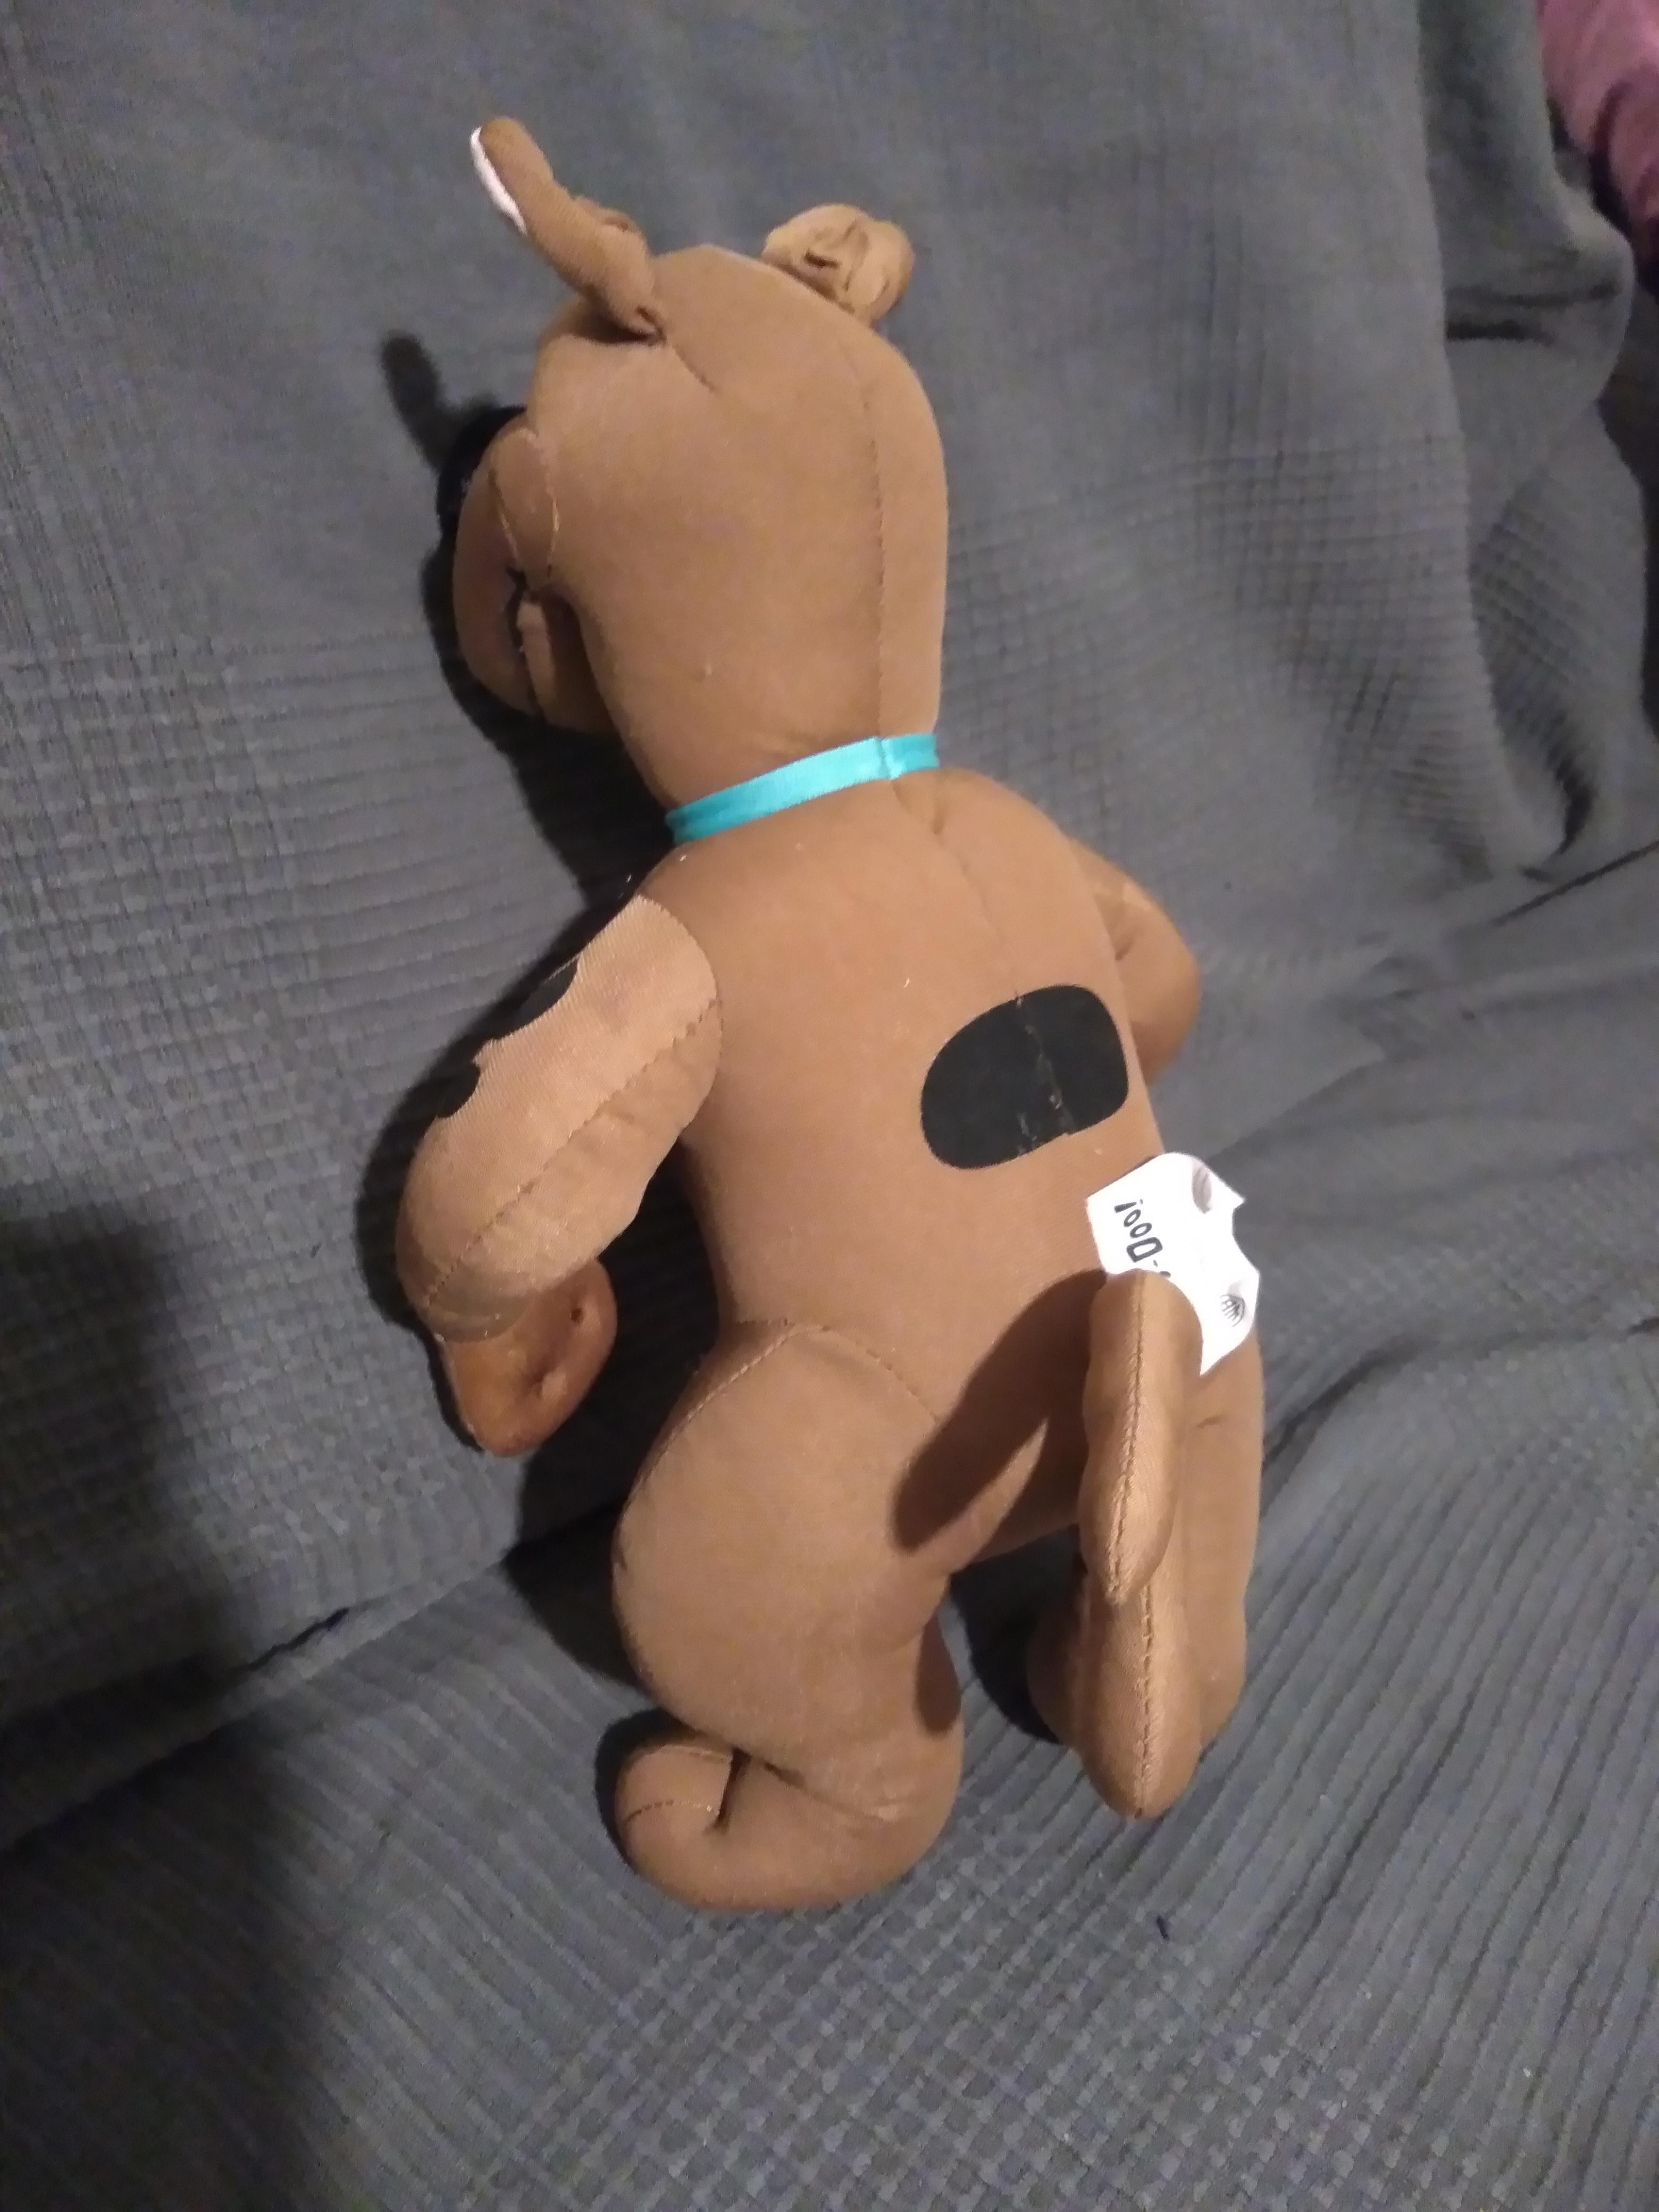 troc de troc 1 jouet scoubidou image 1